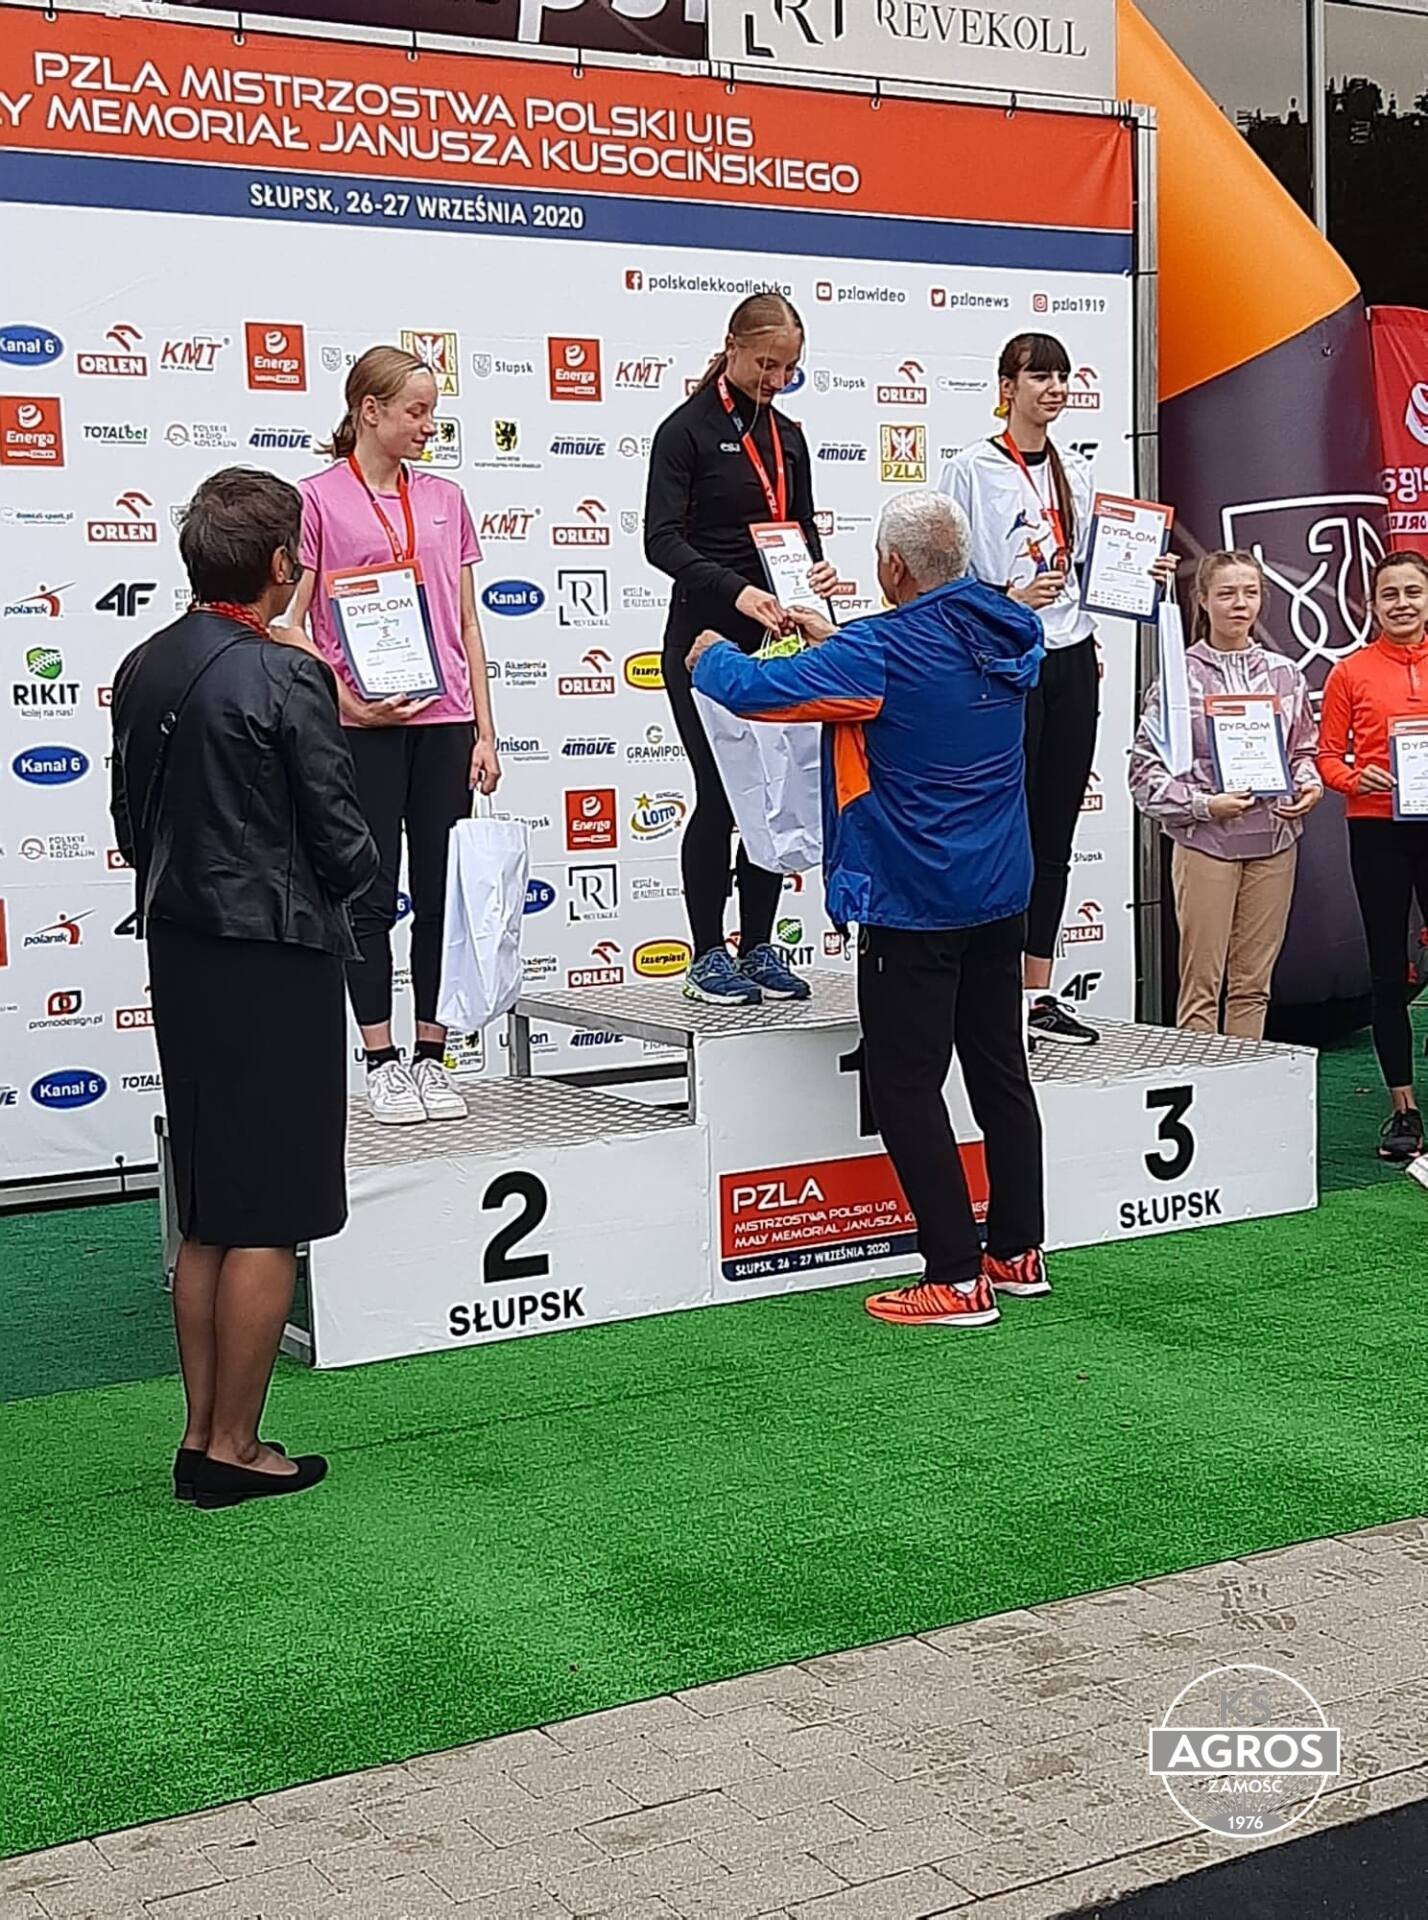 120243304 364055434784937 3303753938590037895 n Szybka jak błyskawica. Zamojska sprinterka - Martyna Seń pobiła rekord Polski!